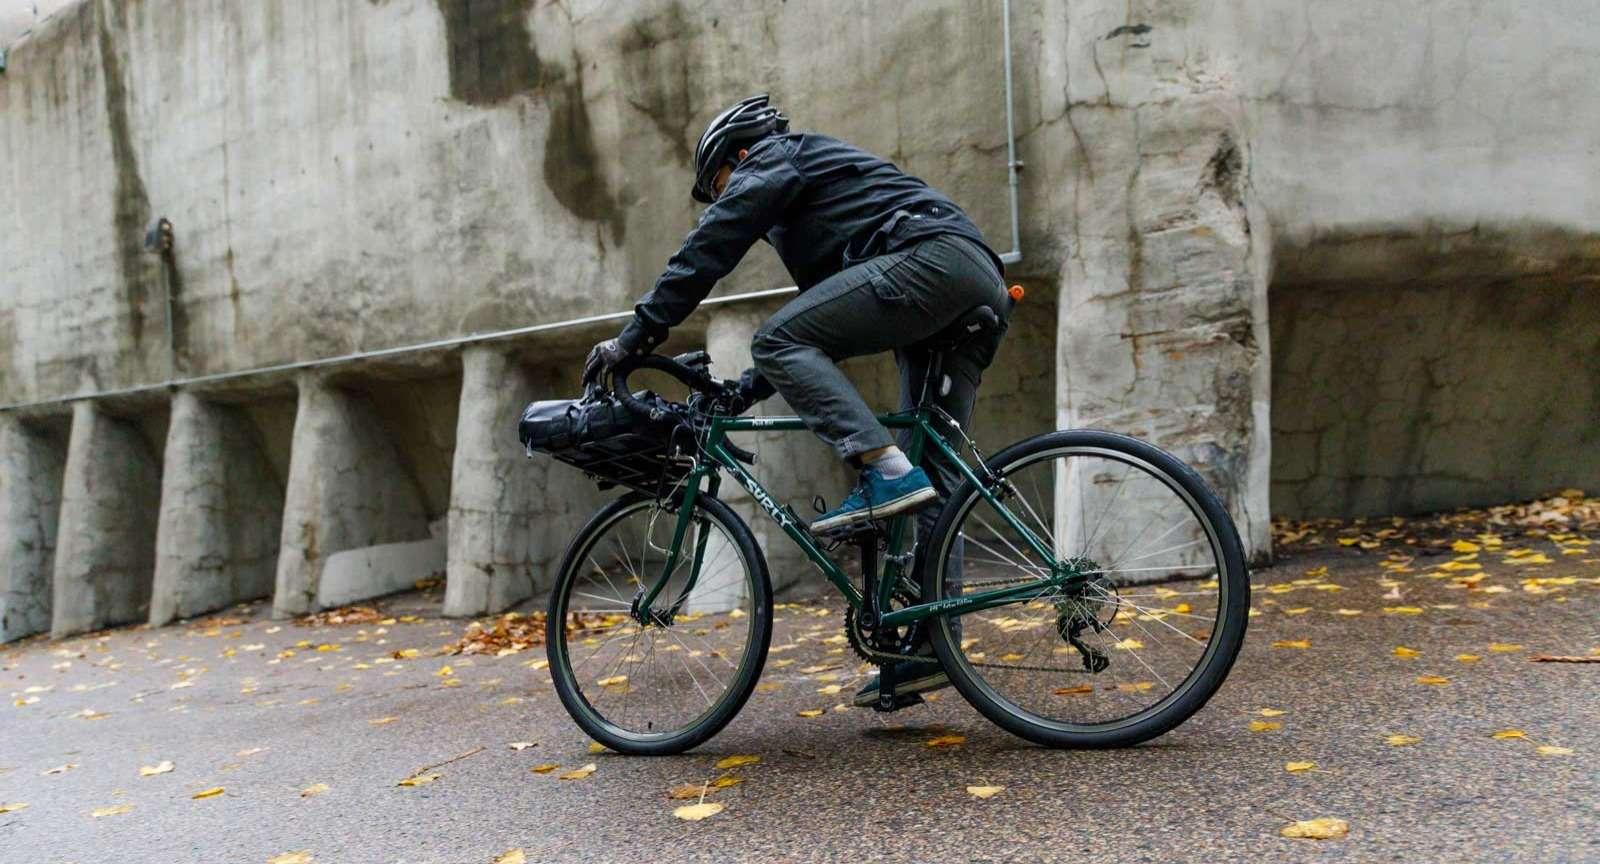 Bike rider around town